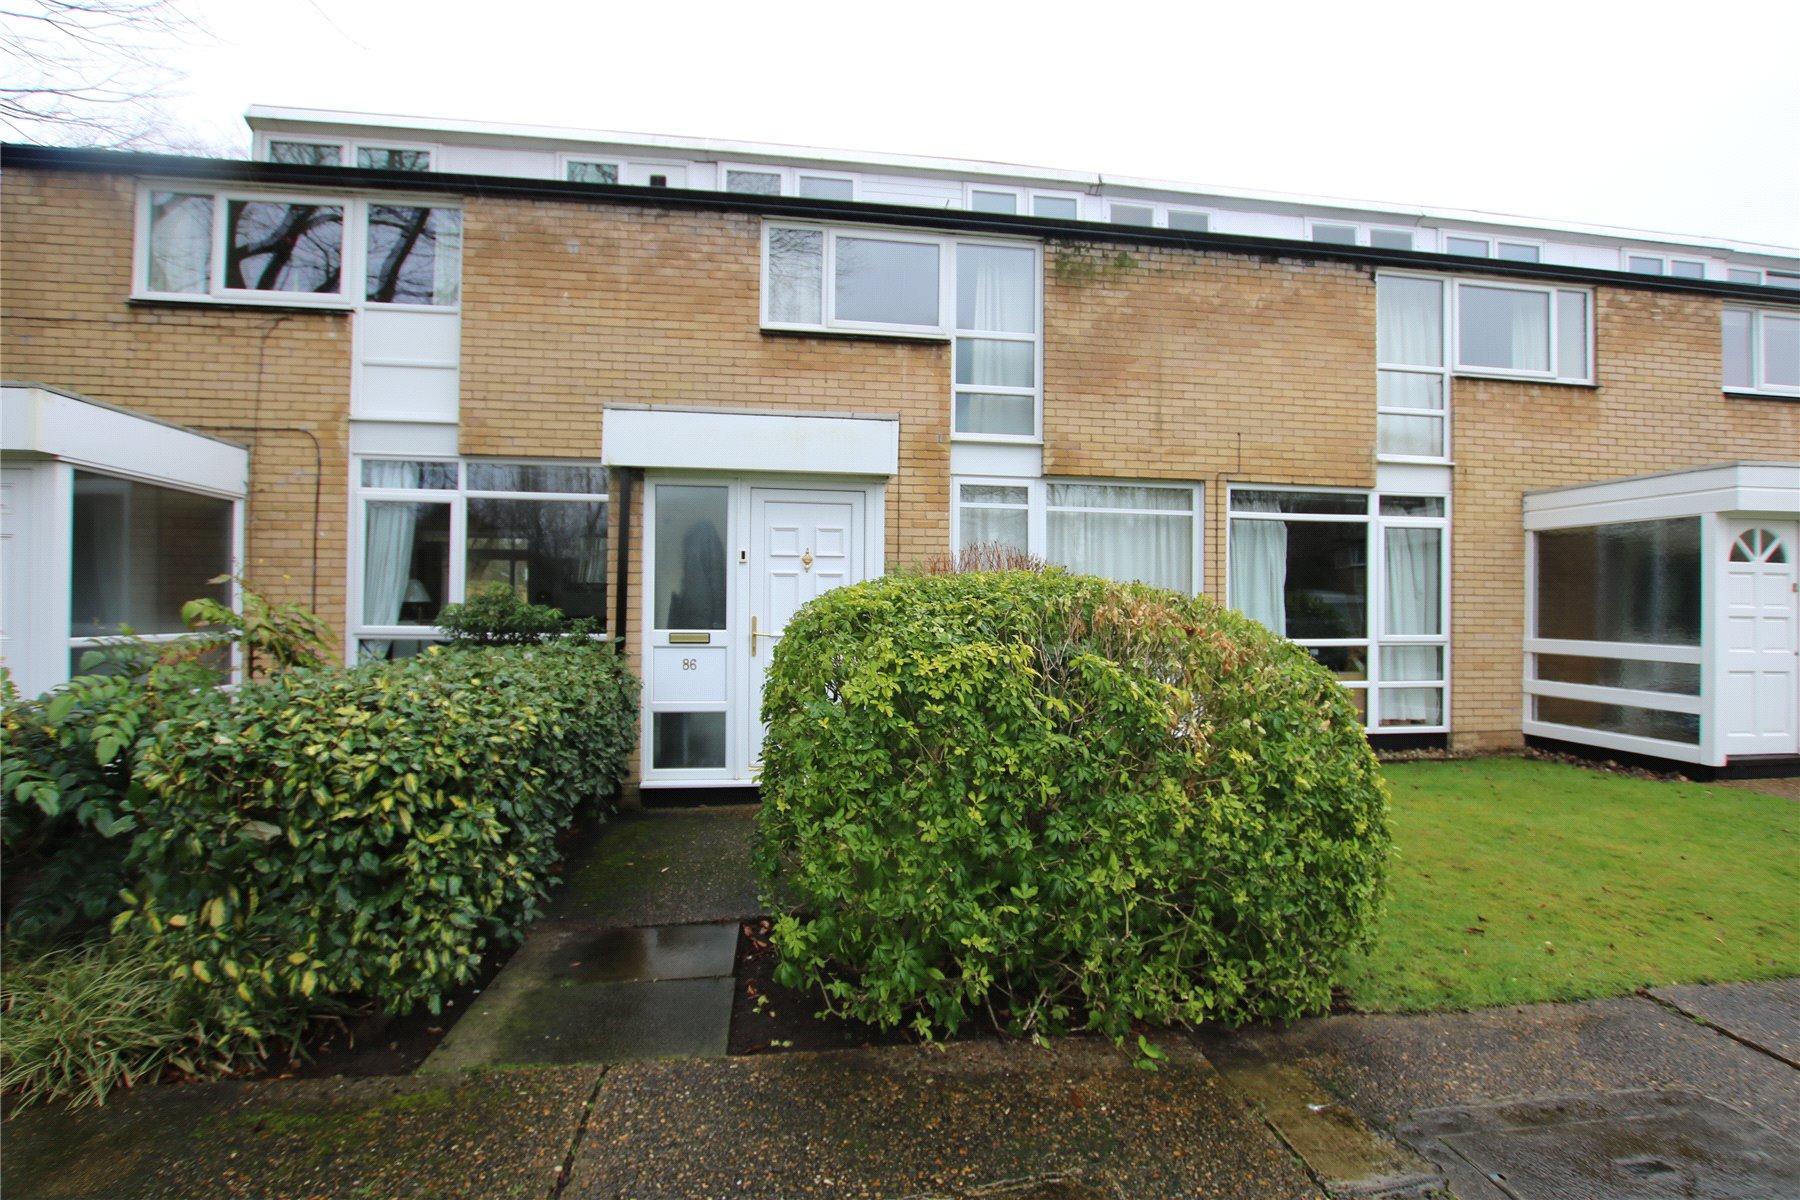 3 Bedrooms Terraced House for sale in Weymede, Byfleet, West Byfleet, Surrey, KT14